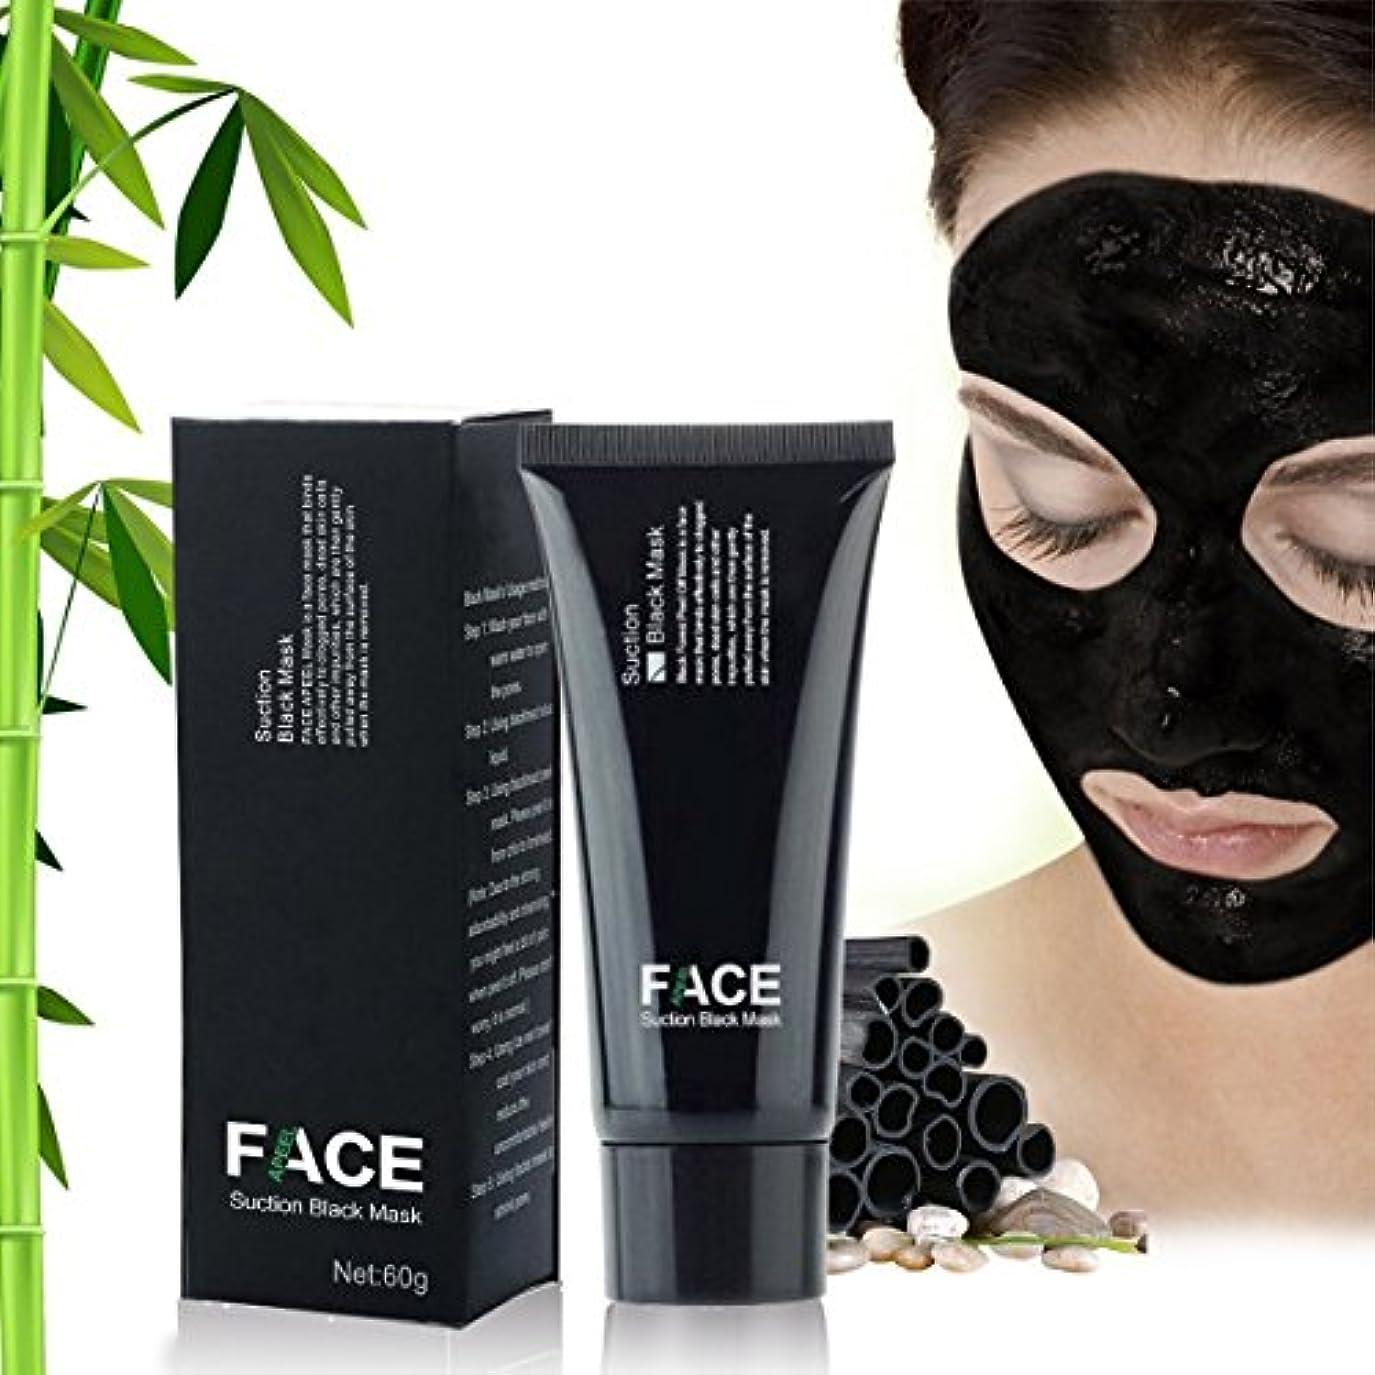 ありそう調整ファイバFace Apeel Blackhead Remover - Peel-off Mask for Men and Women - Deep Cleans Better than Pore Strips for Instantly